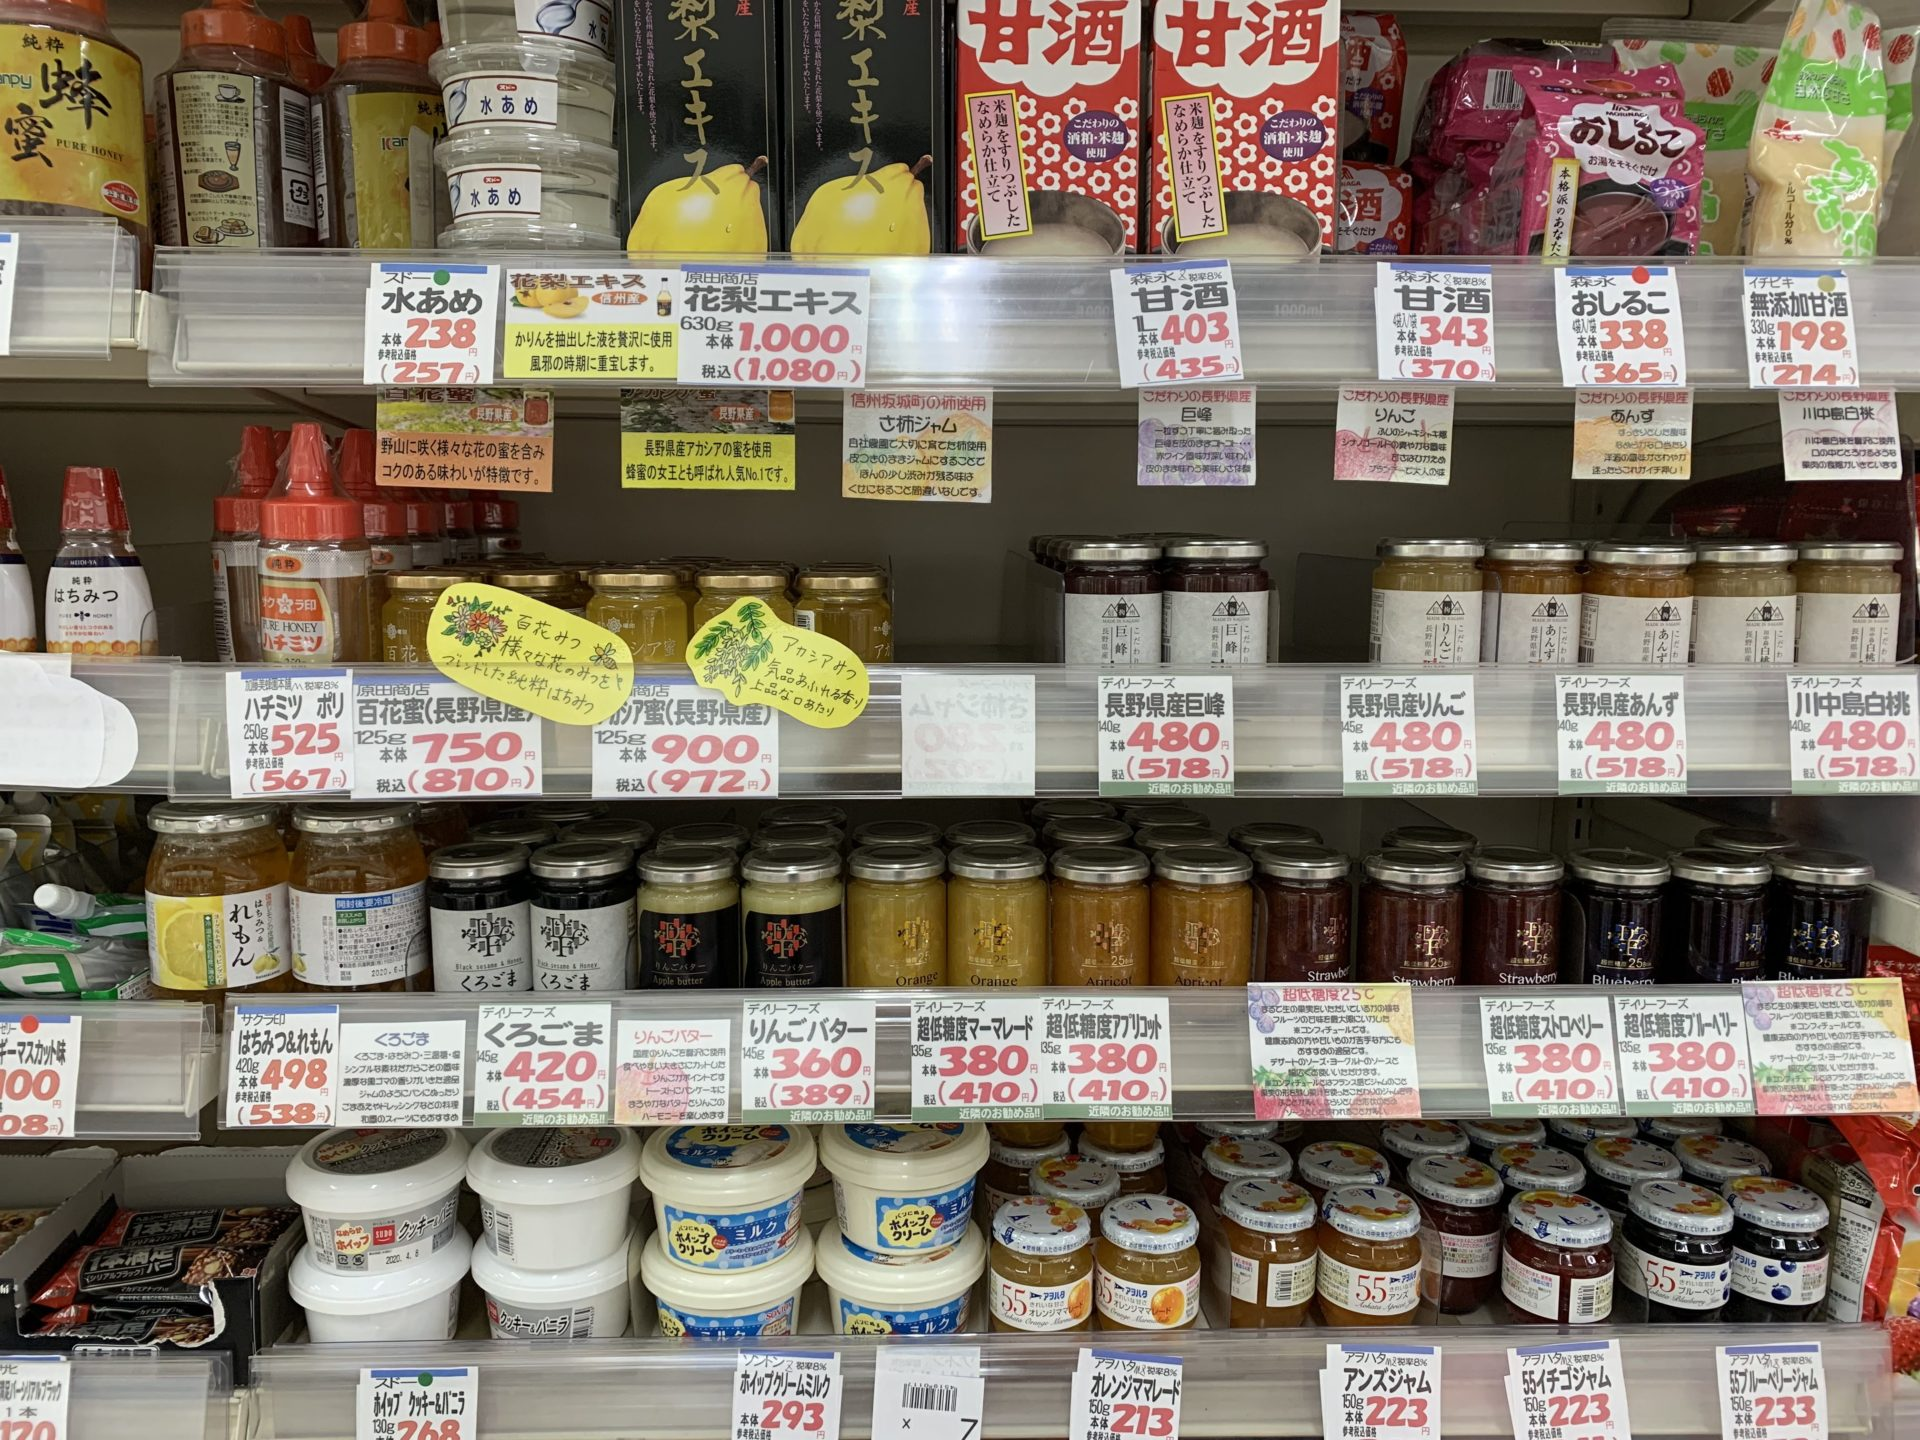 卸売センター「サンエイ」店内の軽井沢製ジャム